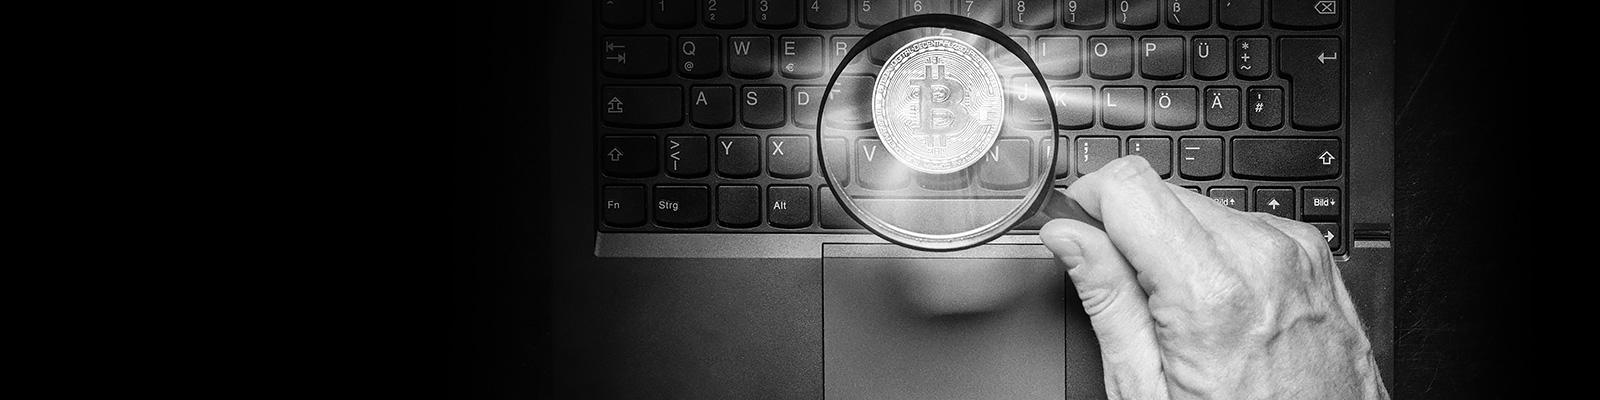 ビットコイン デジタル通貨 フィンテック イメージ